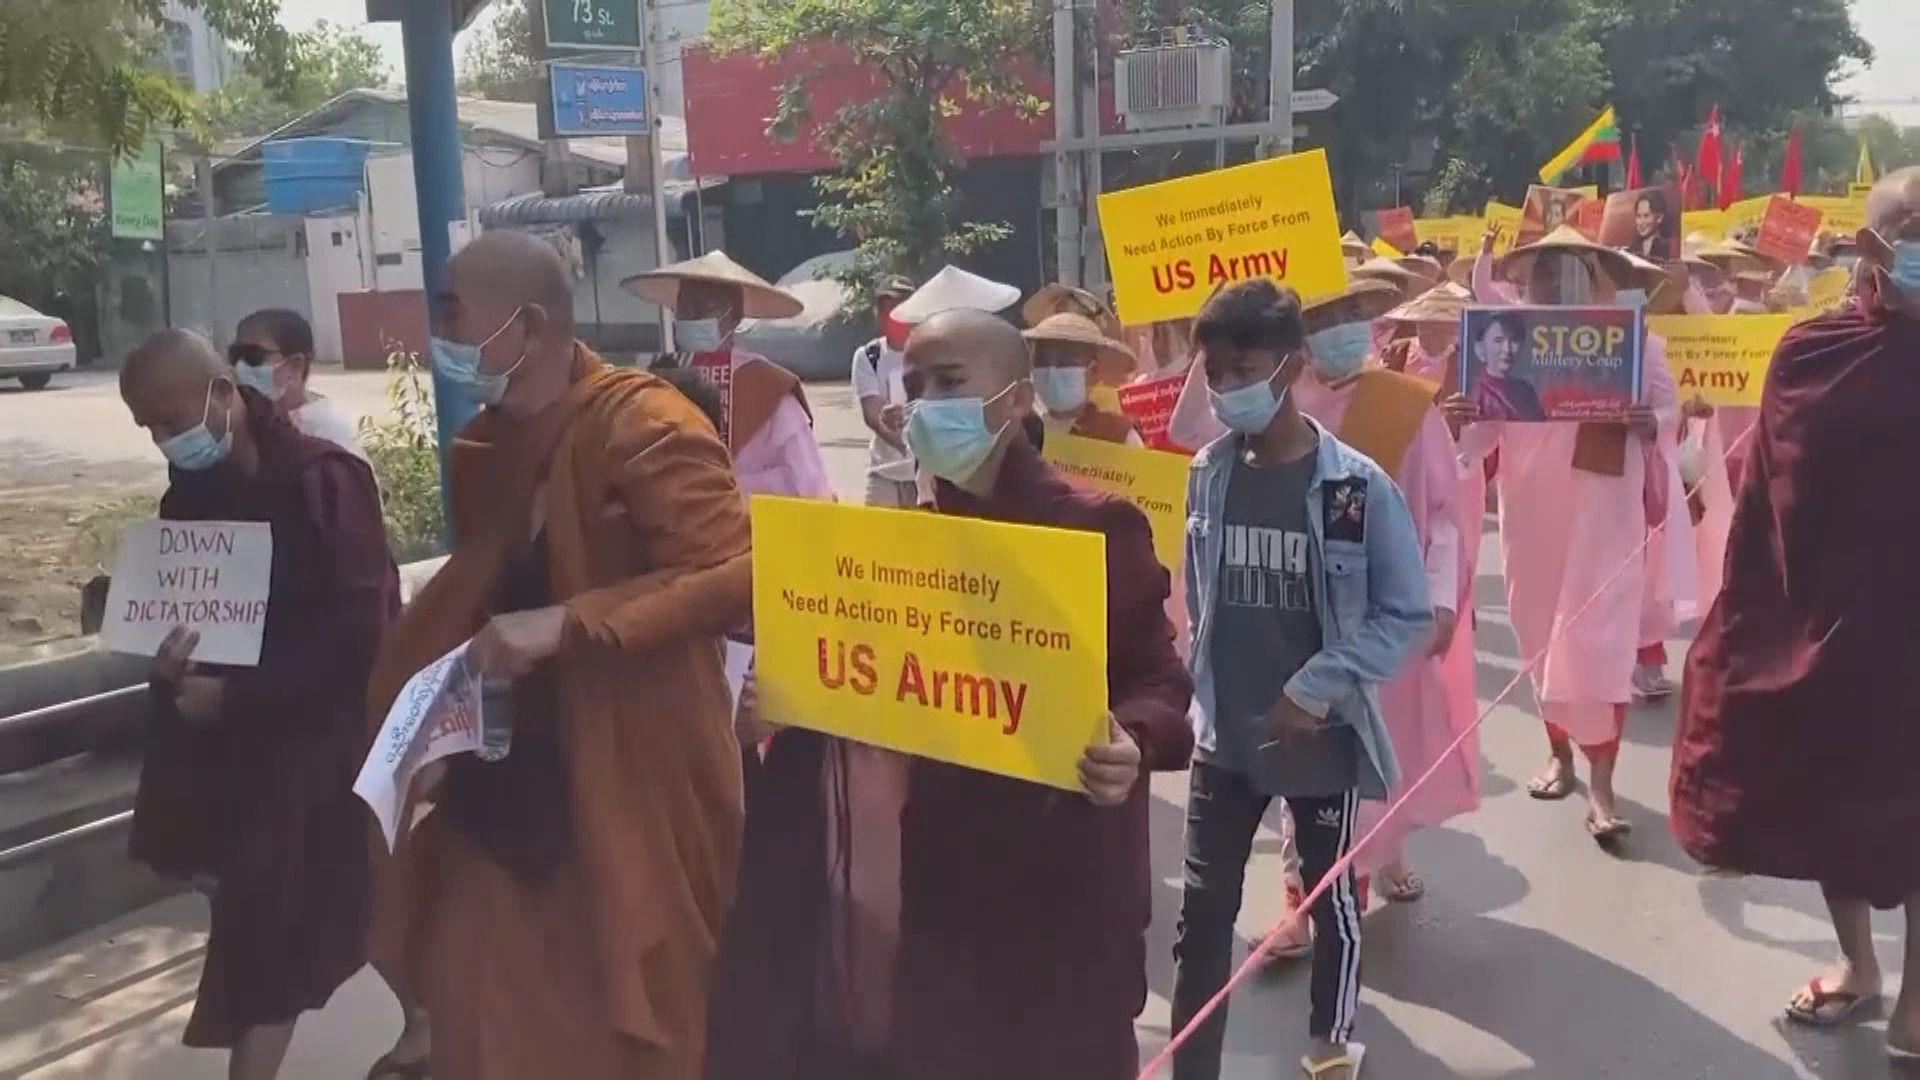 中國常駐聯合國代表指中方正與緬甸各方接觸 推動局勢降溫